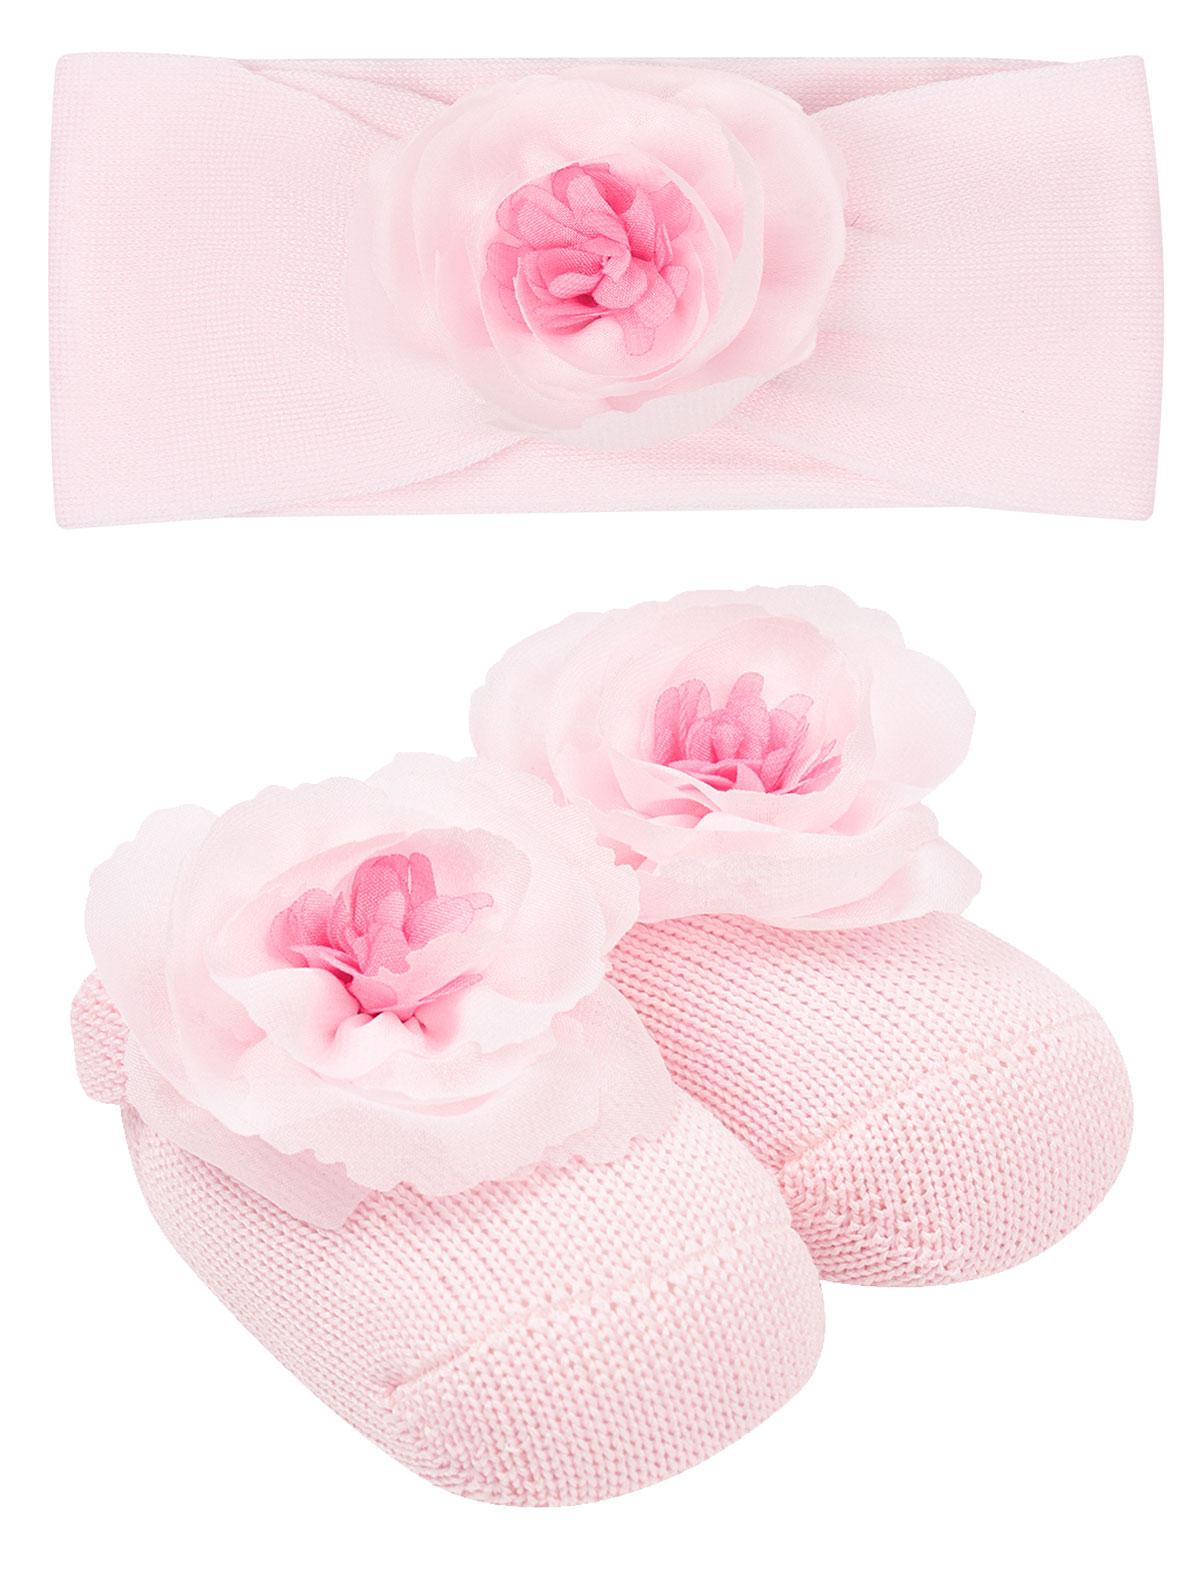 Купить 2223439, Комплект аксессуаров La Perla, розовый, Женский, 3004509070097